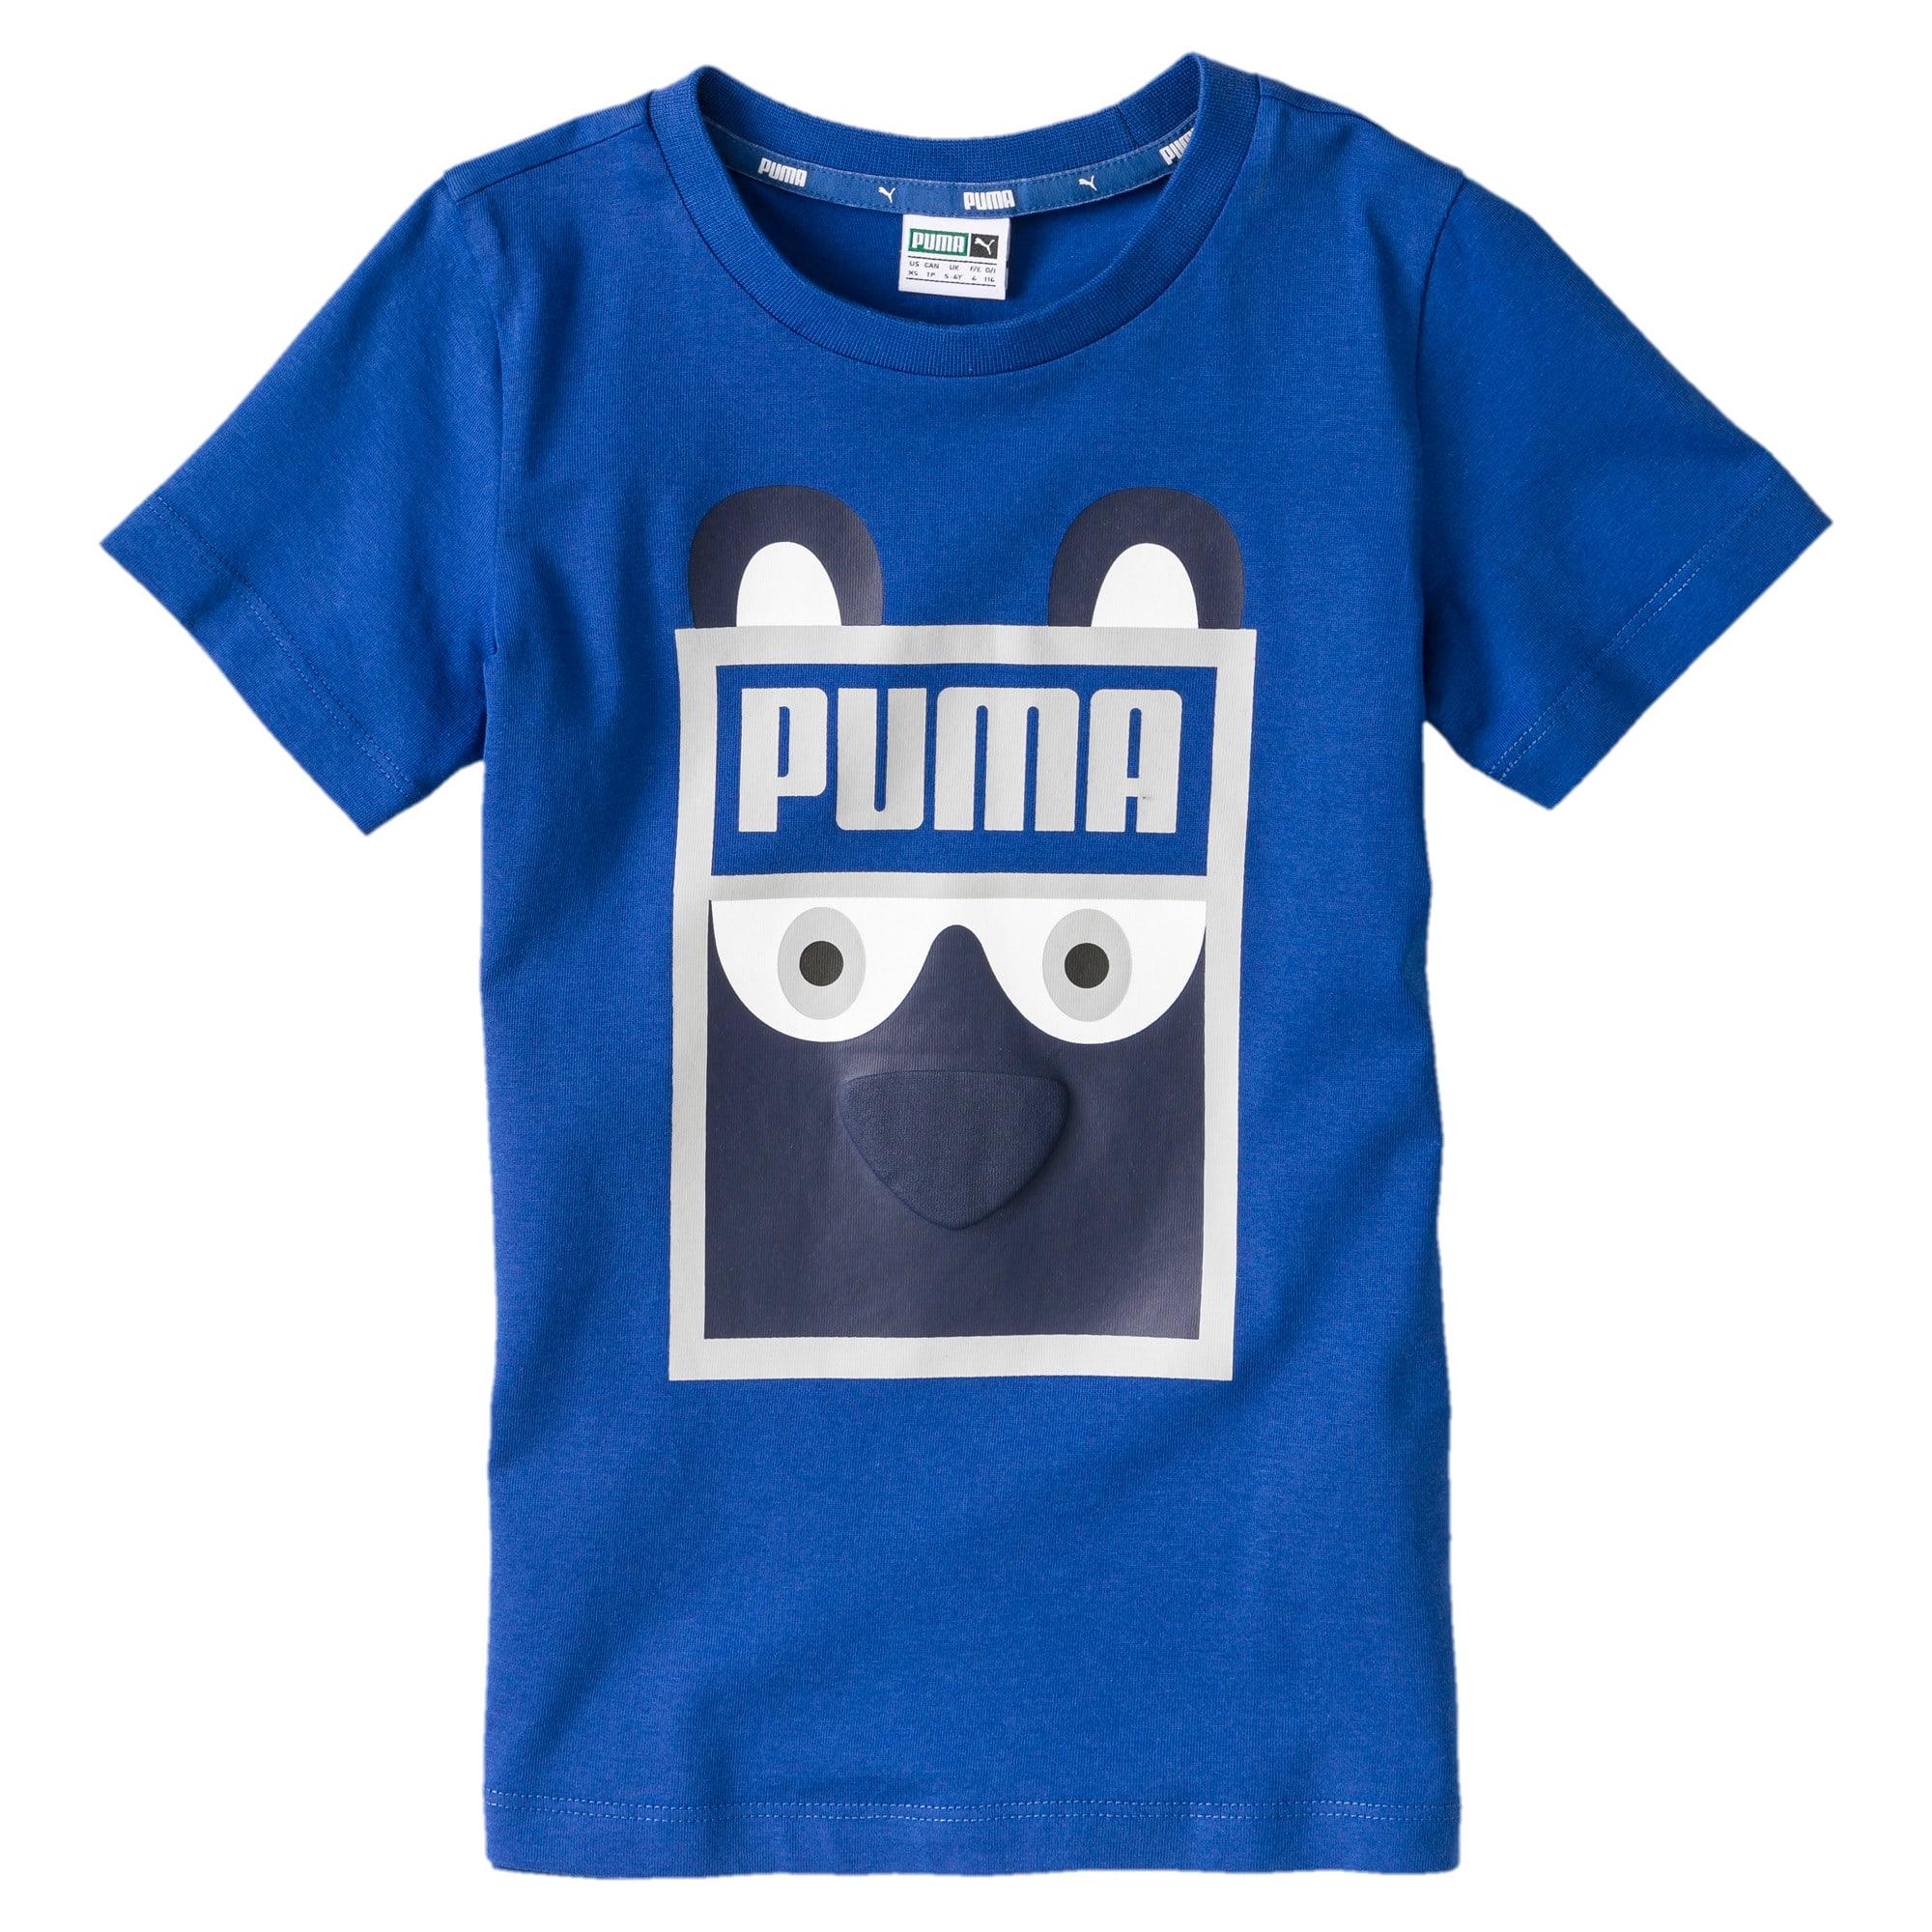 Vignette 1 de T-shirt Monster, nouveau-né + tout-petit, Galaxy Blue, moyen